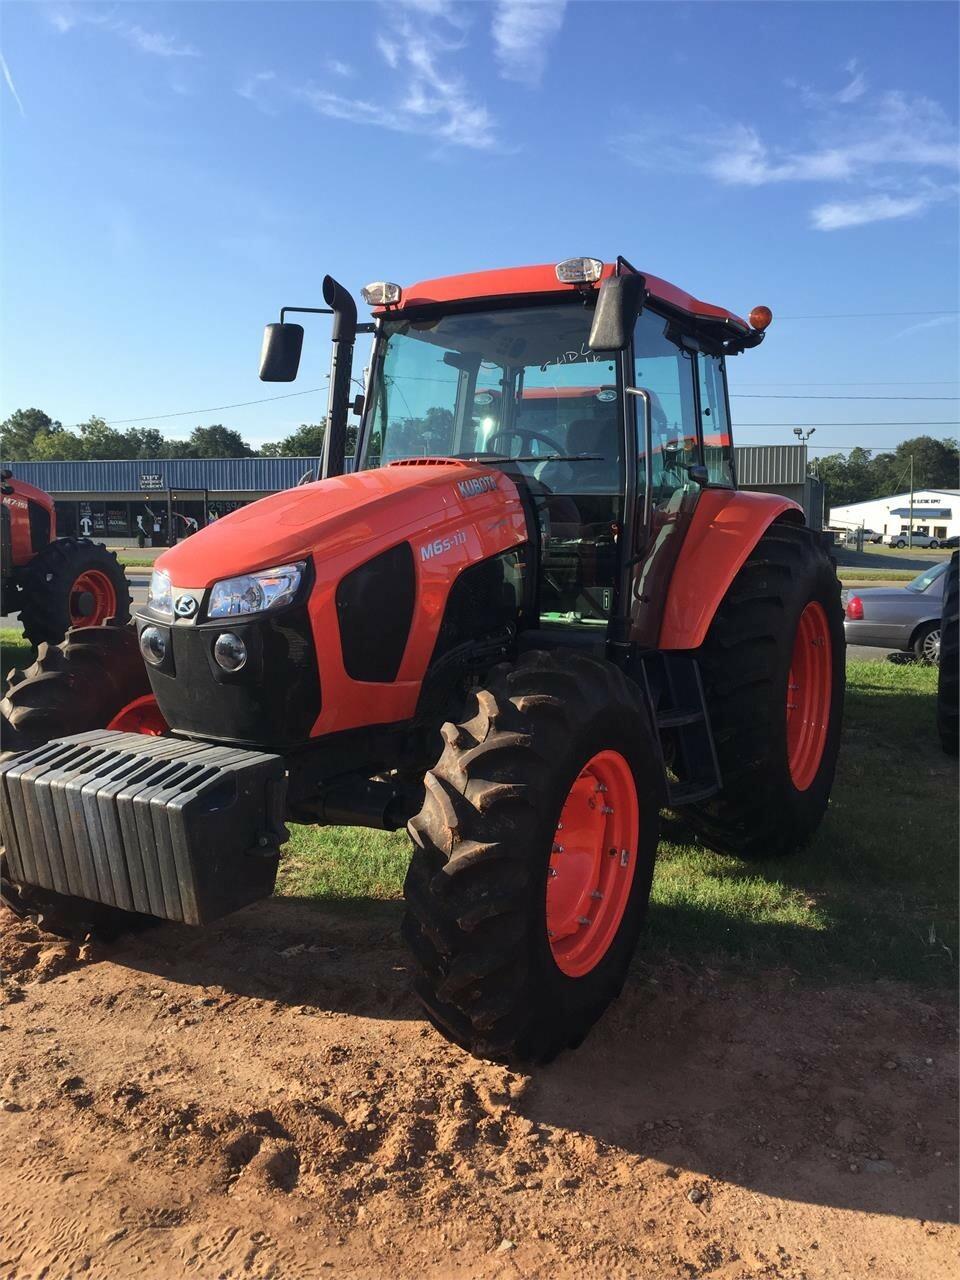 2021 Kubota M6S-111SHDC Tractor